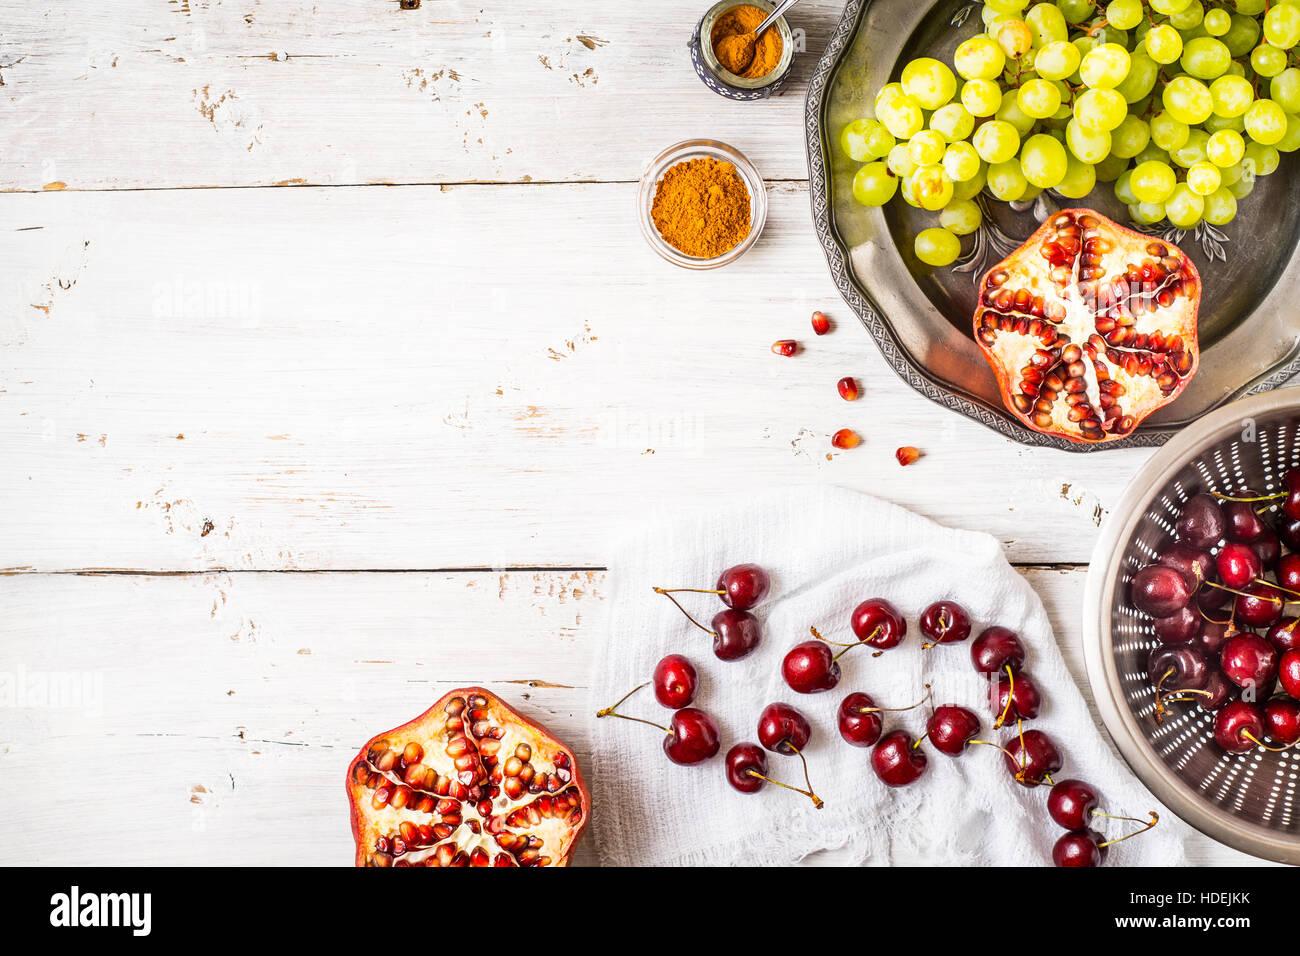 Verschiedenen Früchten und Gewürzen auf den weißen Holztisch. Konzept der orientalische Früchte Stockbild